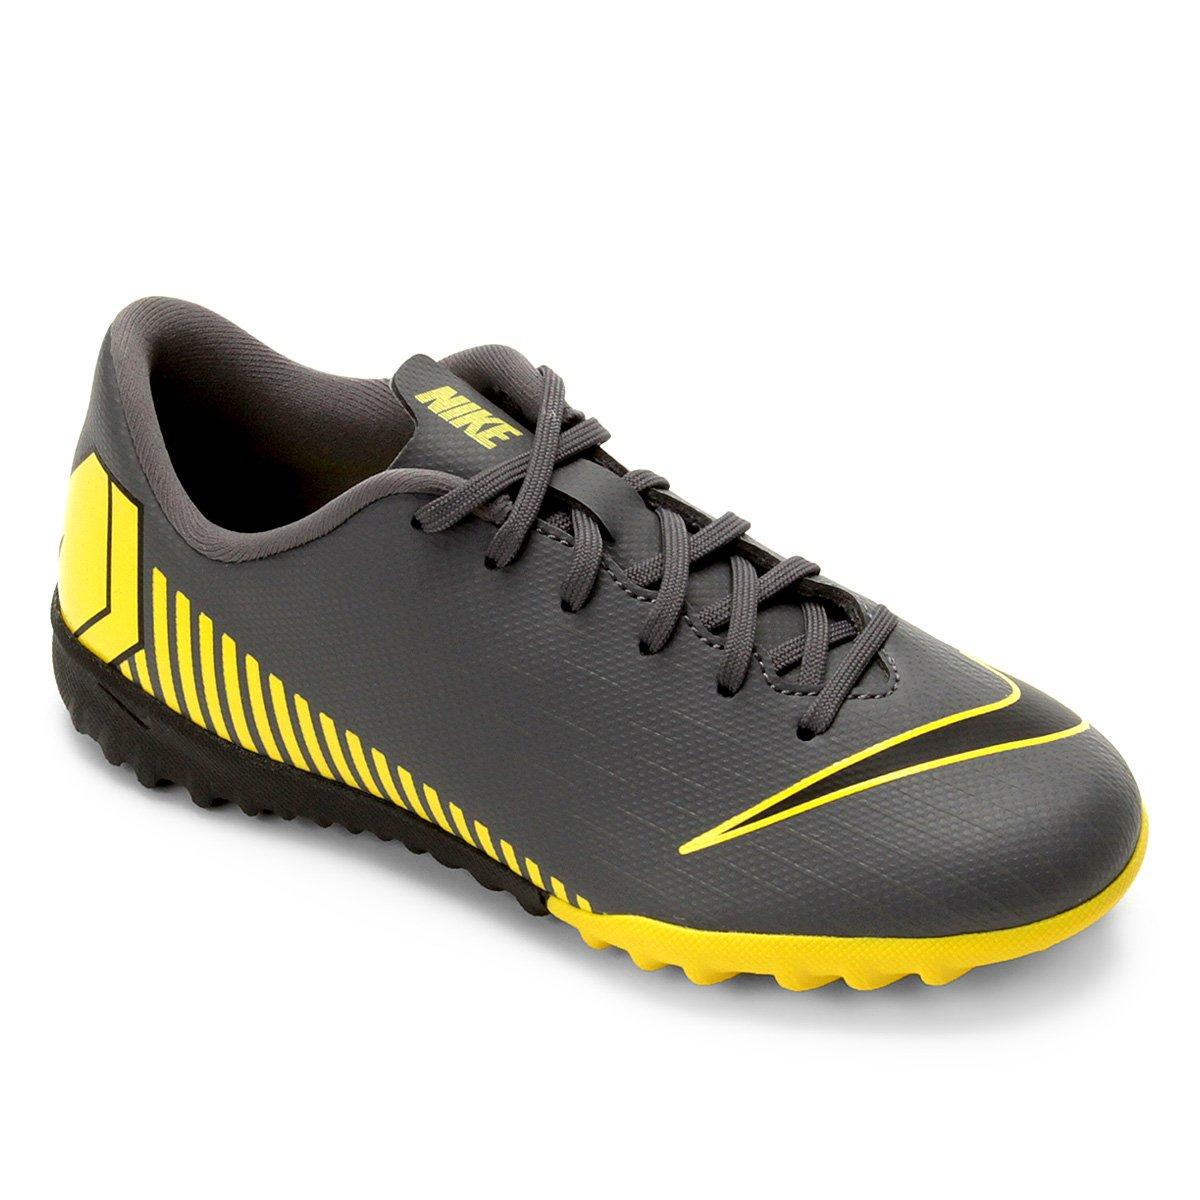 078c8e46cdfcf Chuteira Society Infantil Nike Mercurial Vapor 12 Academy Gs TF - Cinza e  Amarelo - Compre Agora